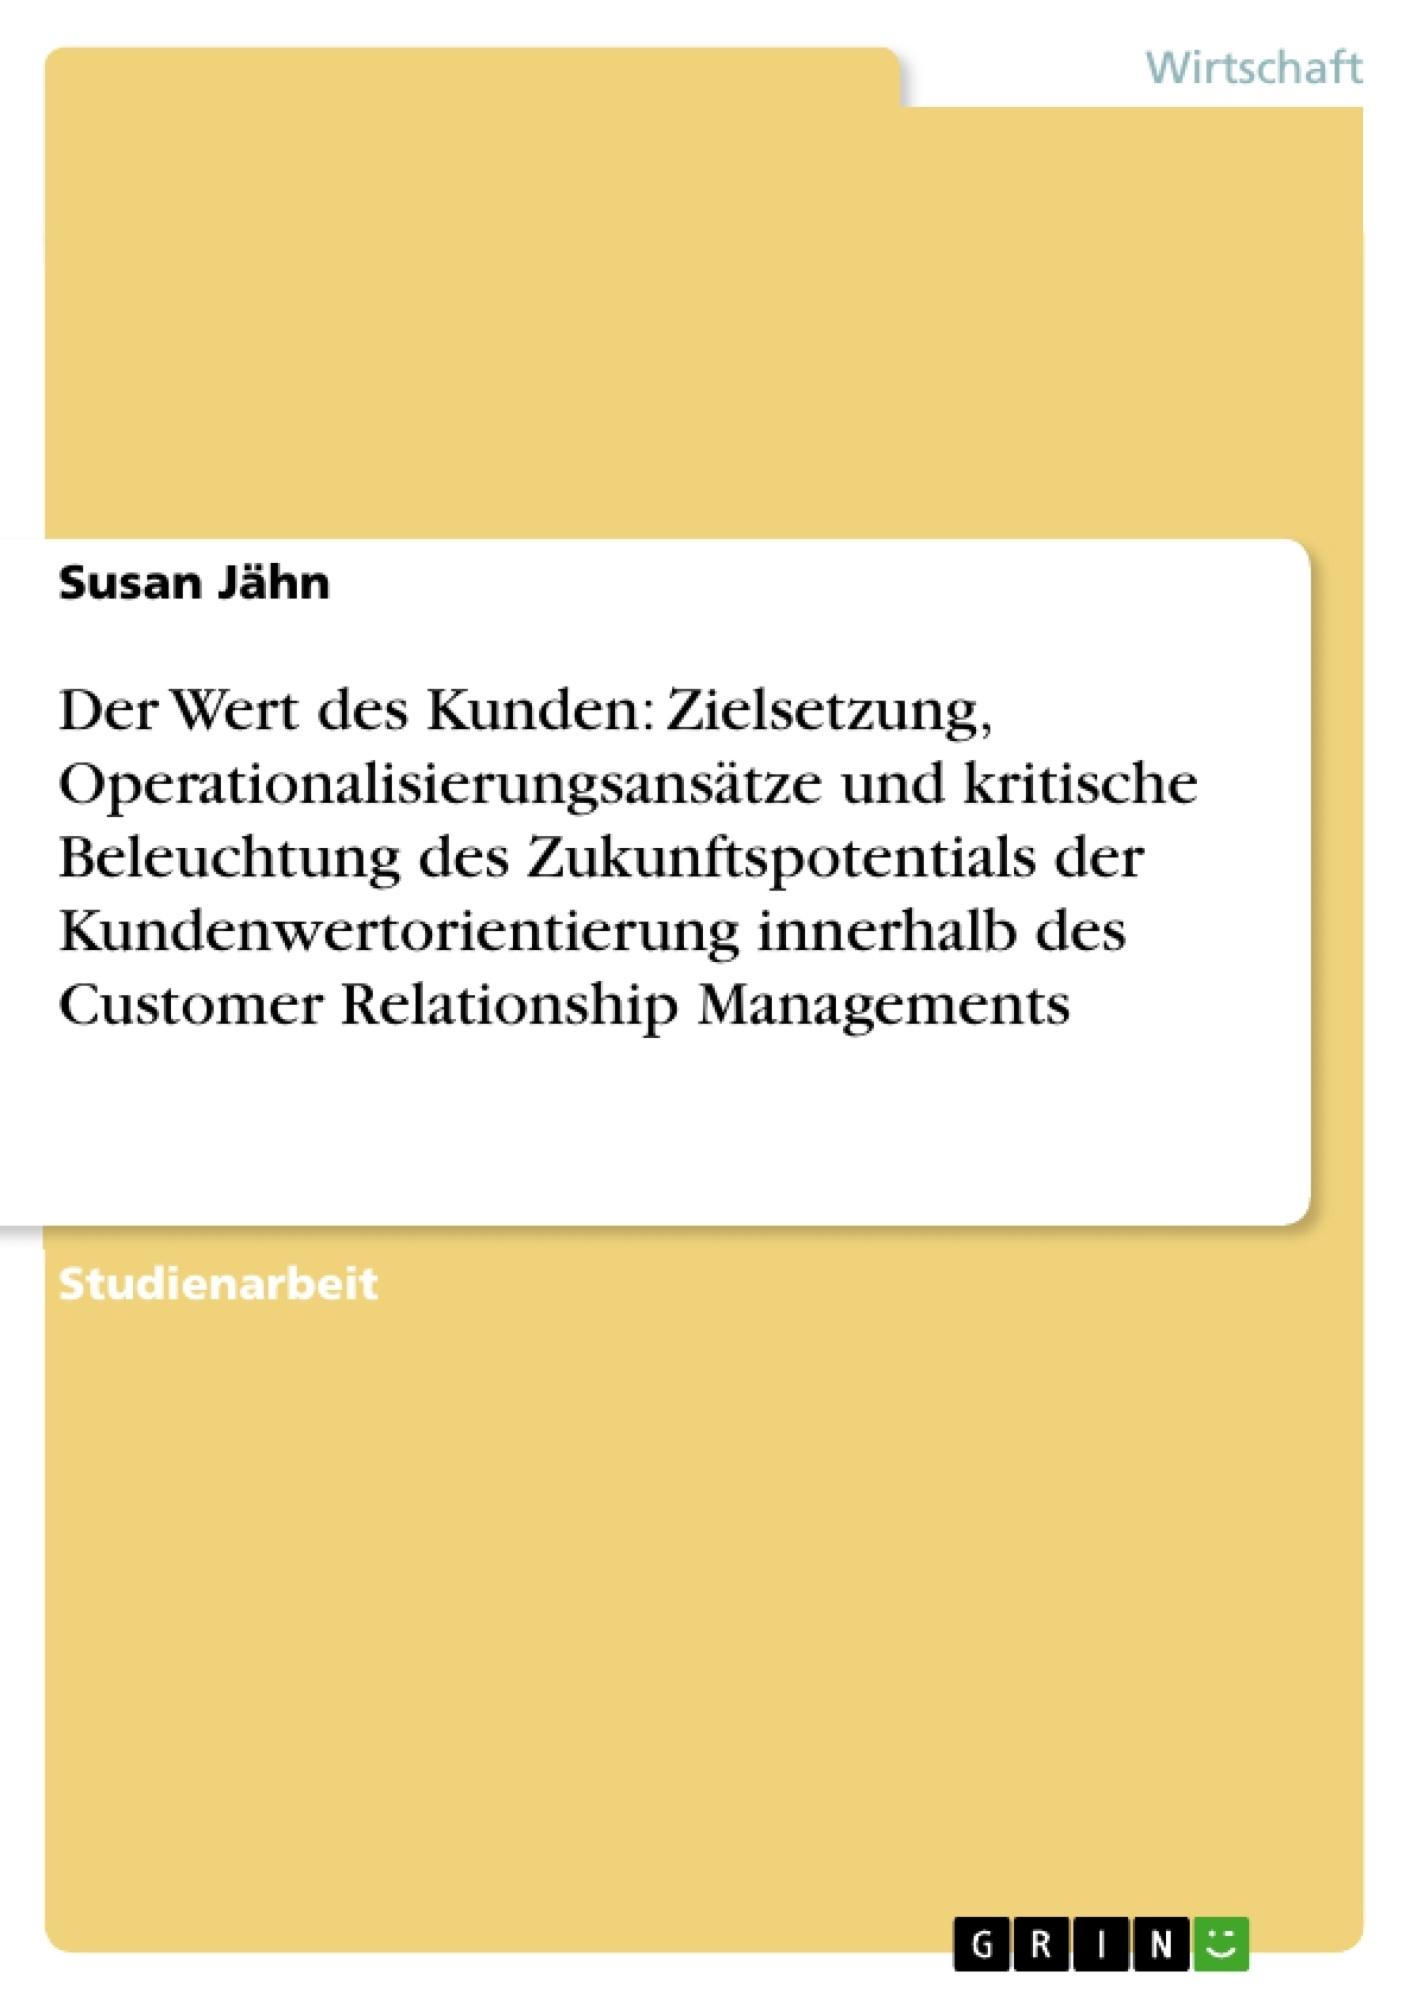 Titel: Der Wert des Kunden: Zielsetzung, Operationalisierungsansätze und kritische Beleuchtung des Zukunftspotentials der Kundenwertorientierung innerhalb des Customer Relationship Managements